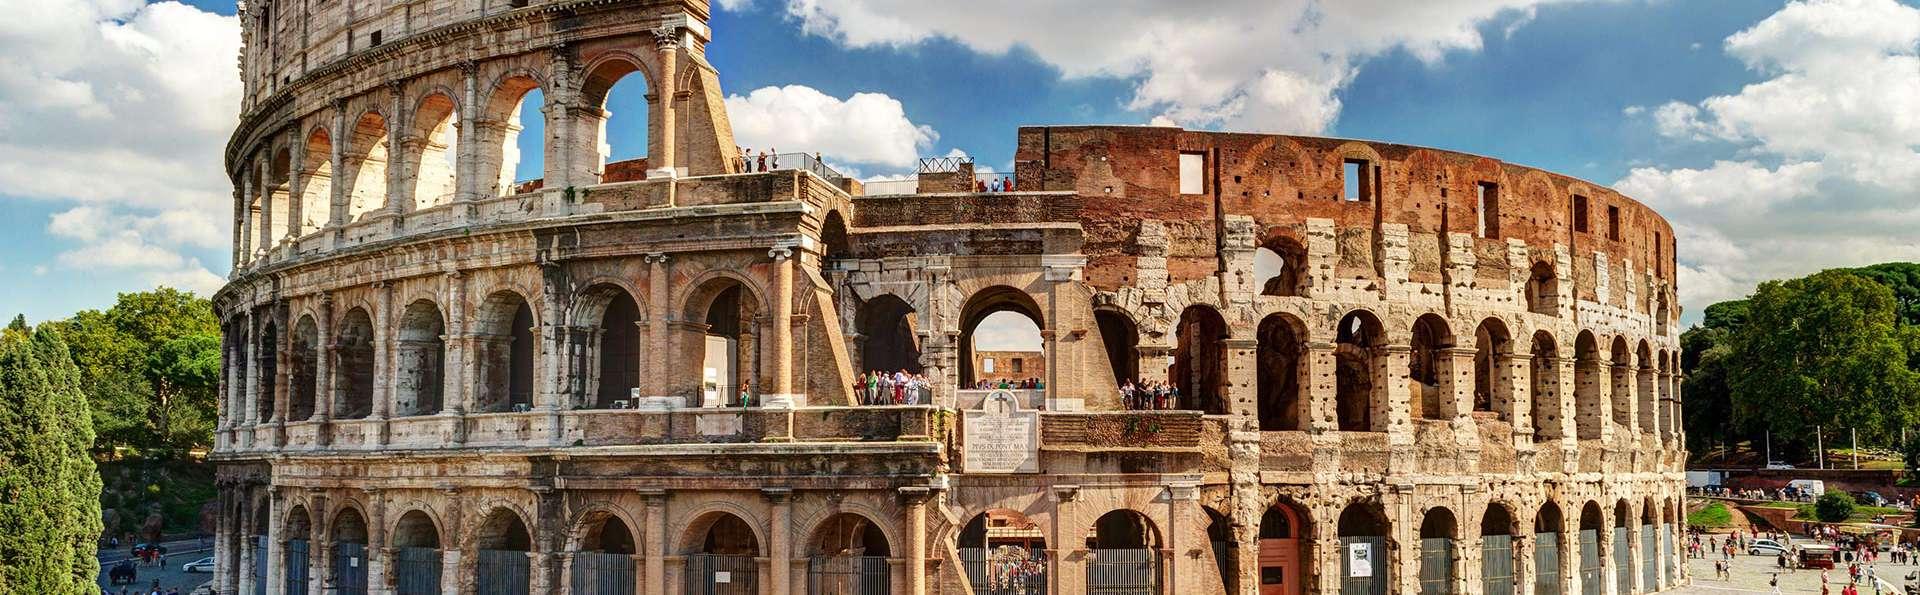 Colisée et nuit dans une villa romaine : séjour parfait dans la capitale !